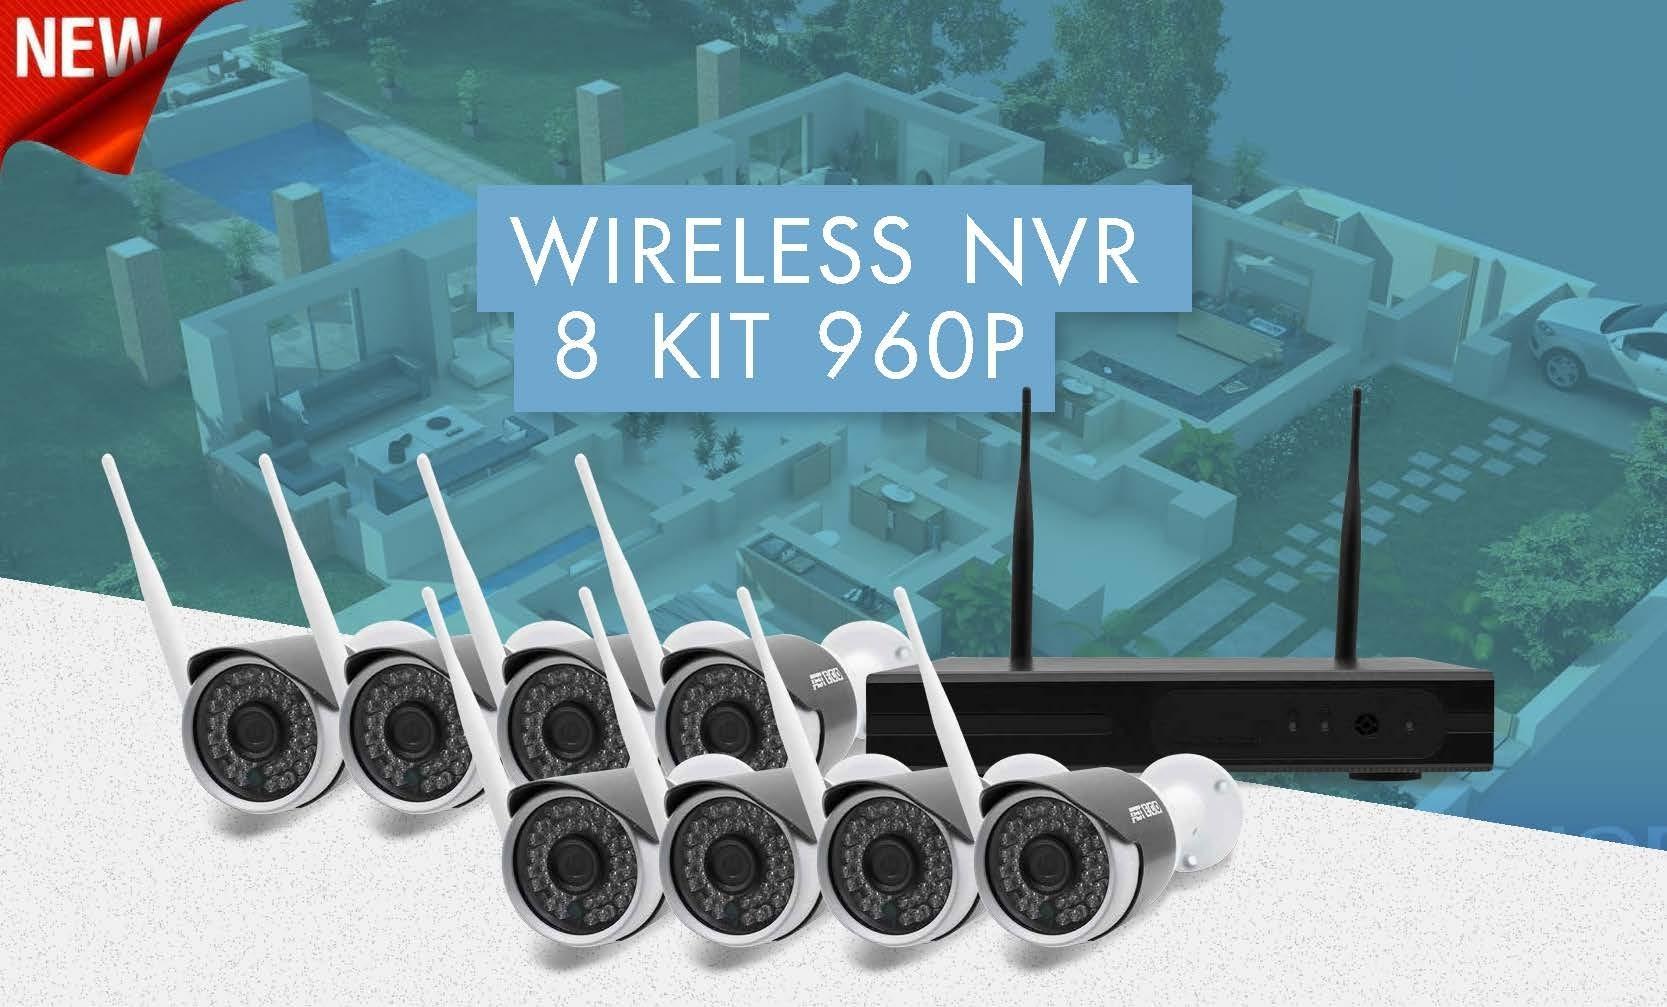 กล้องวงจรปิดไร้สาย Wireless CCTV Wifi ติดตั้ง แบบ กล้วยกล้วย ง่ายๆ HD960P